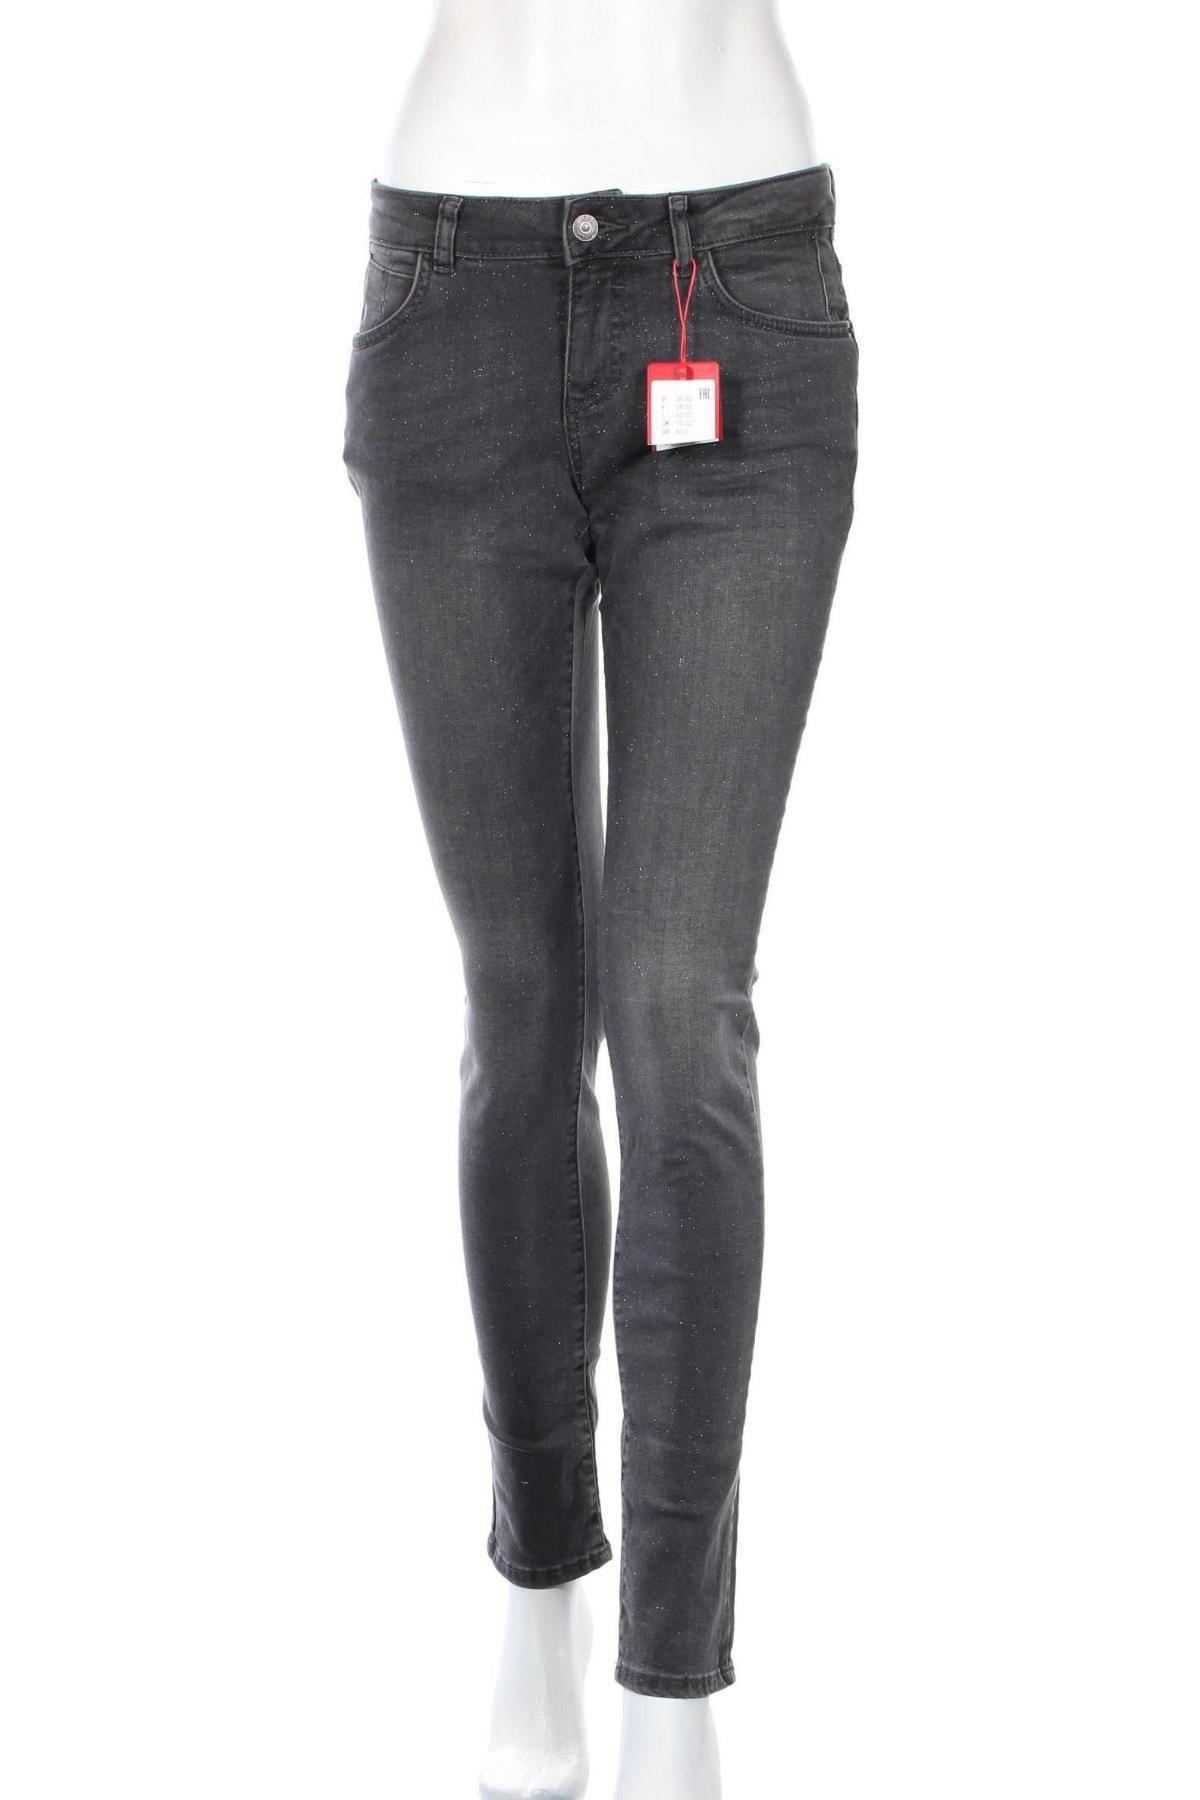 Дамски дънки S.Oliver, Размер S, Цвят Сив, 98% памук, 2% еластан, Цена 35,60лв.